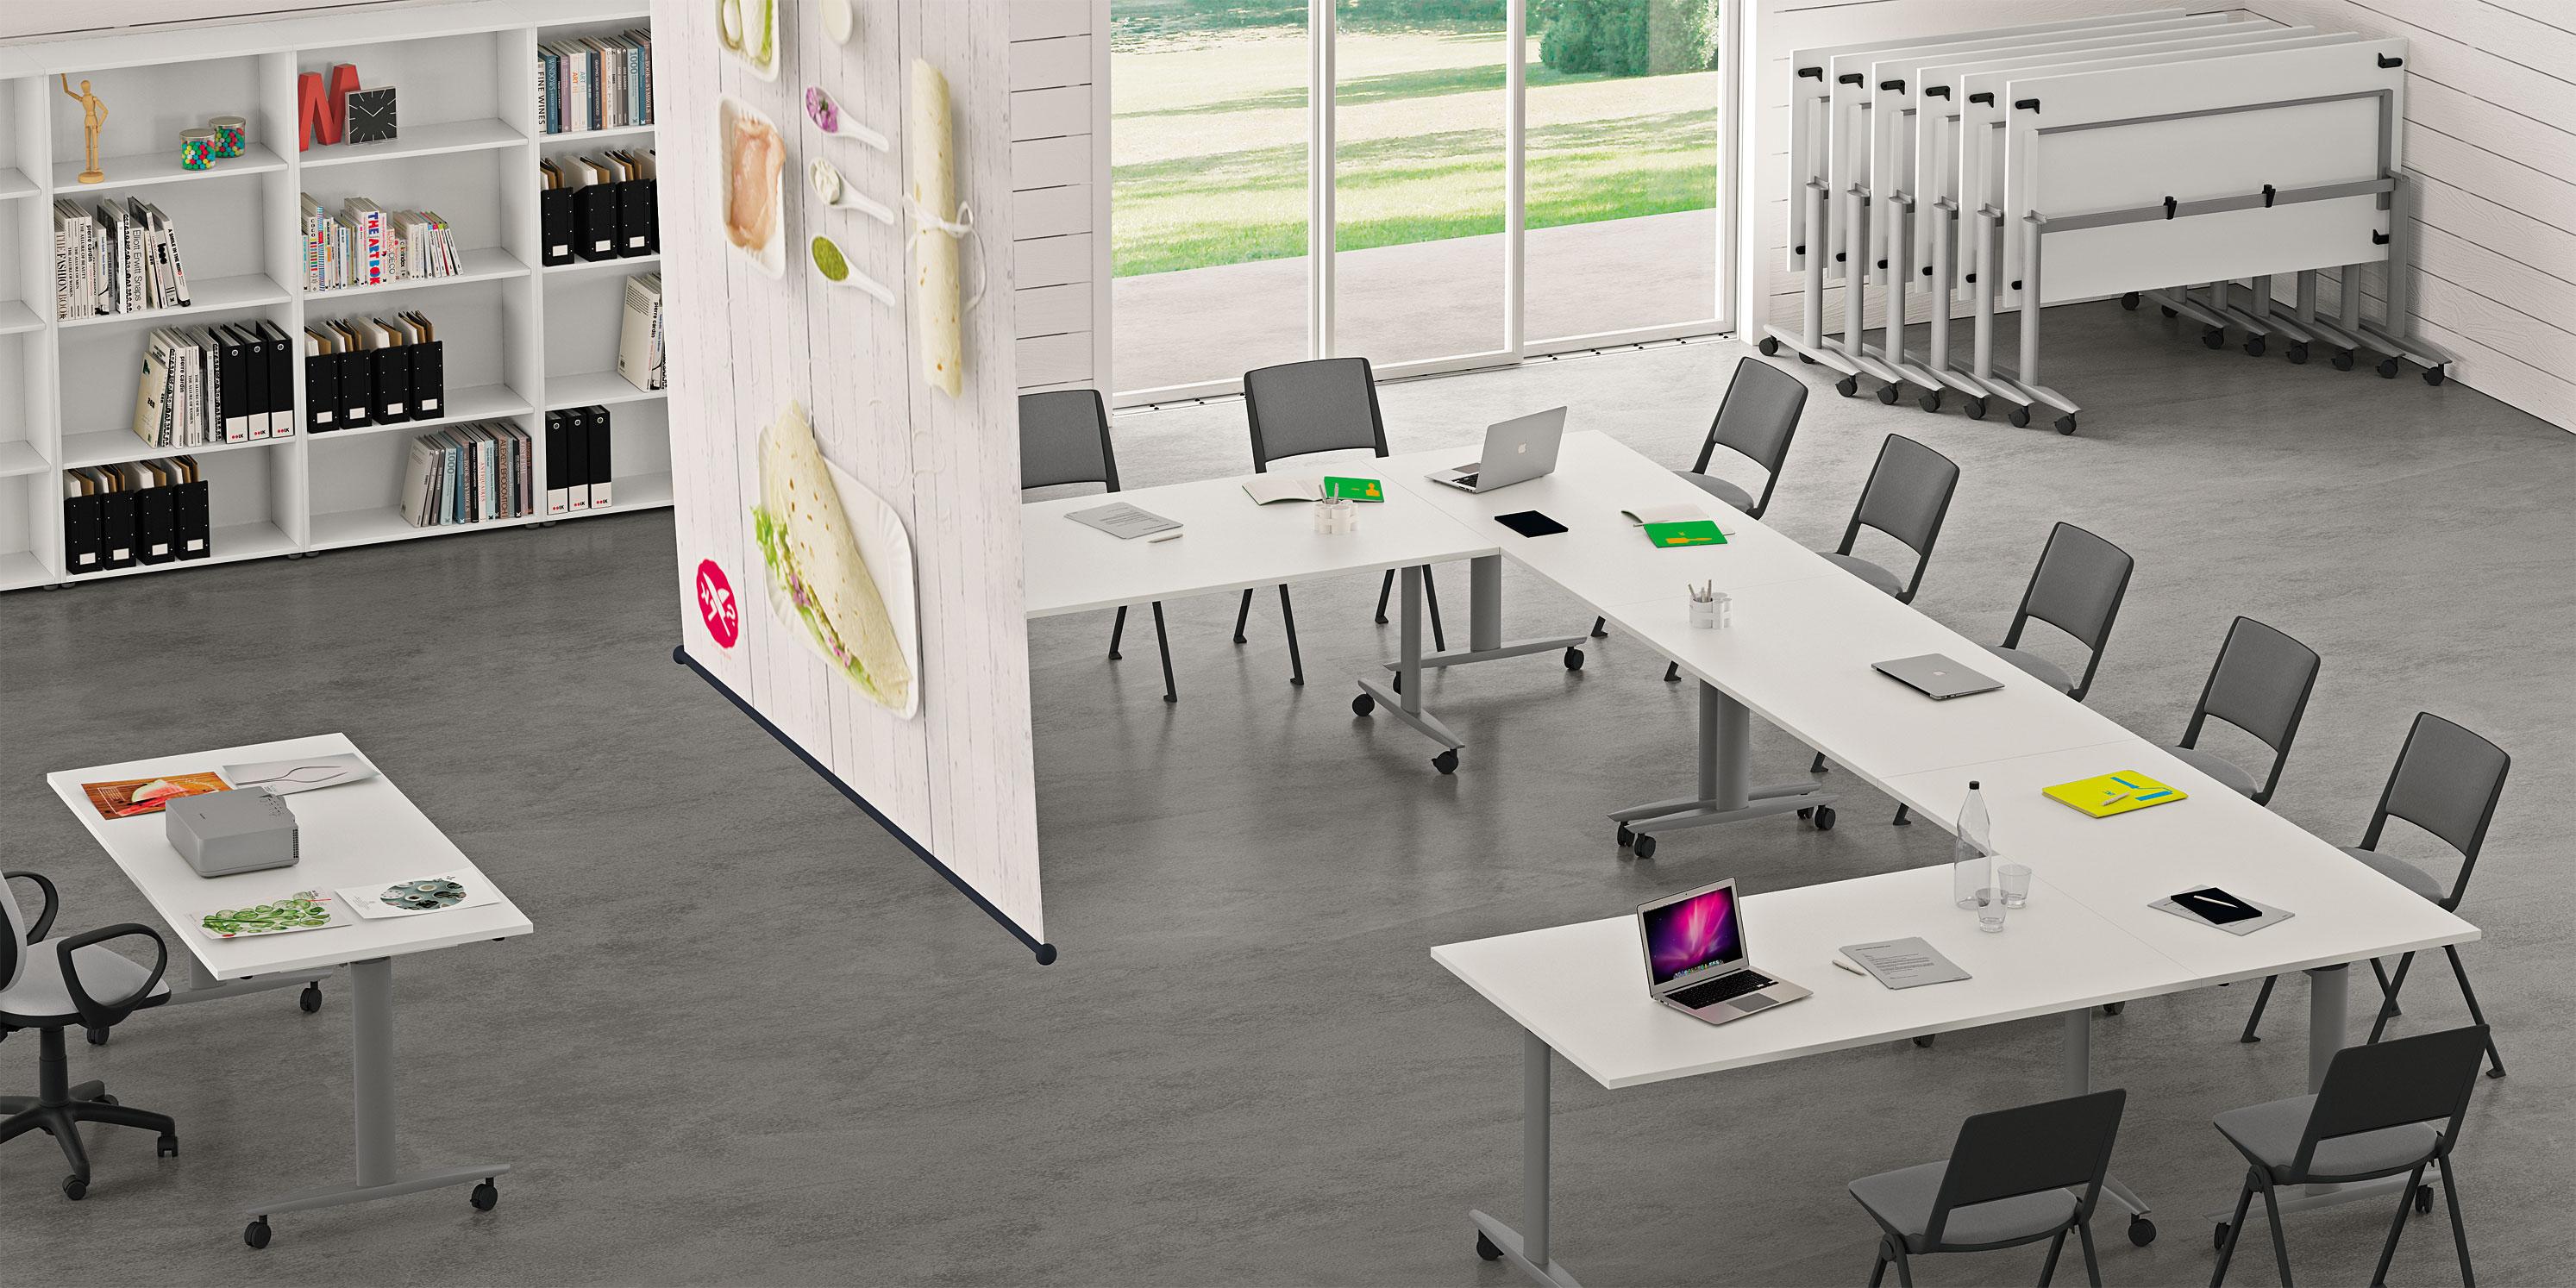 Progetto arredo ufficio moderno - Arredo ufficio moderno ...